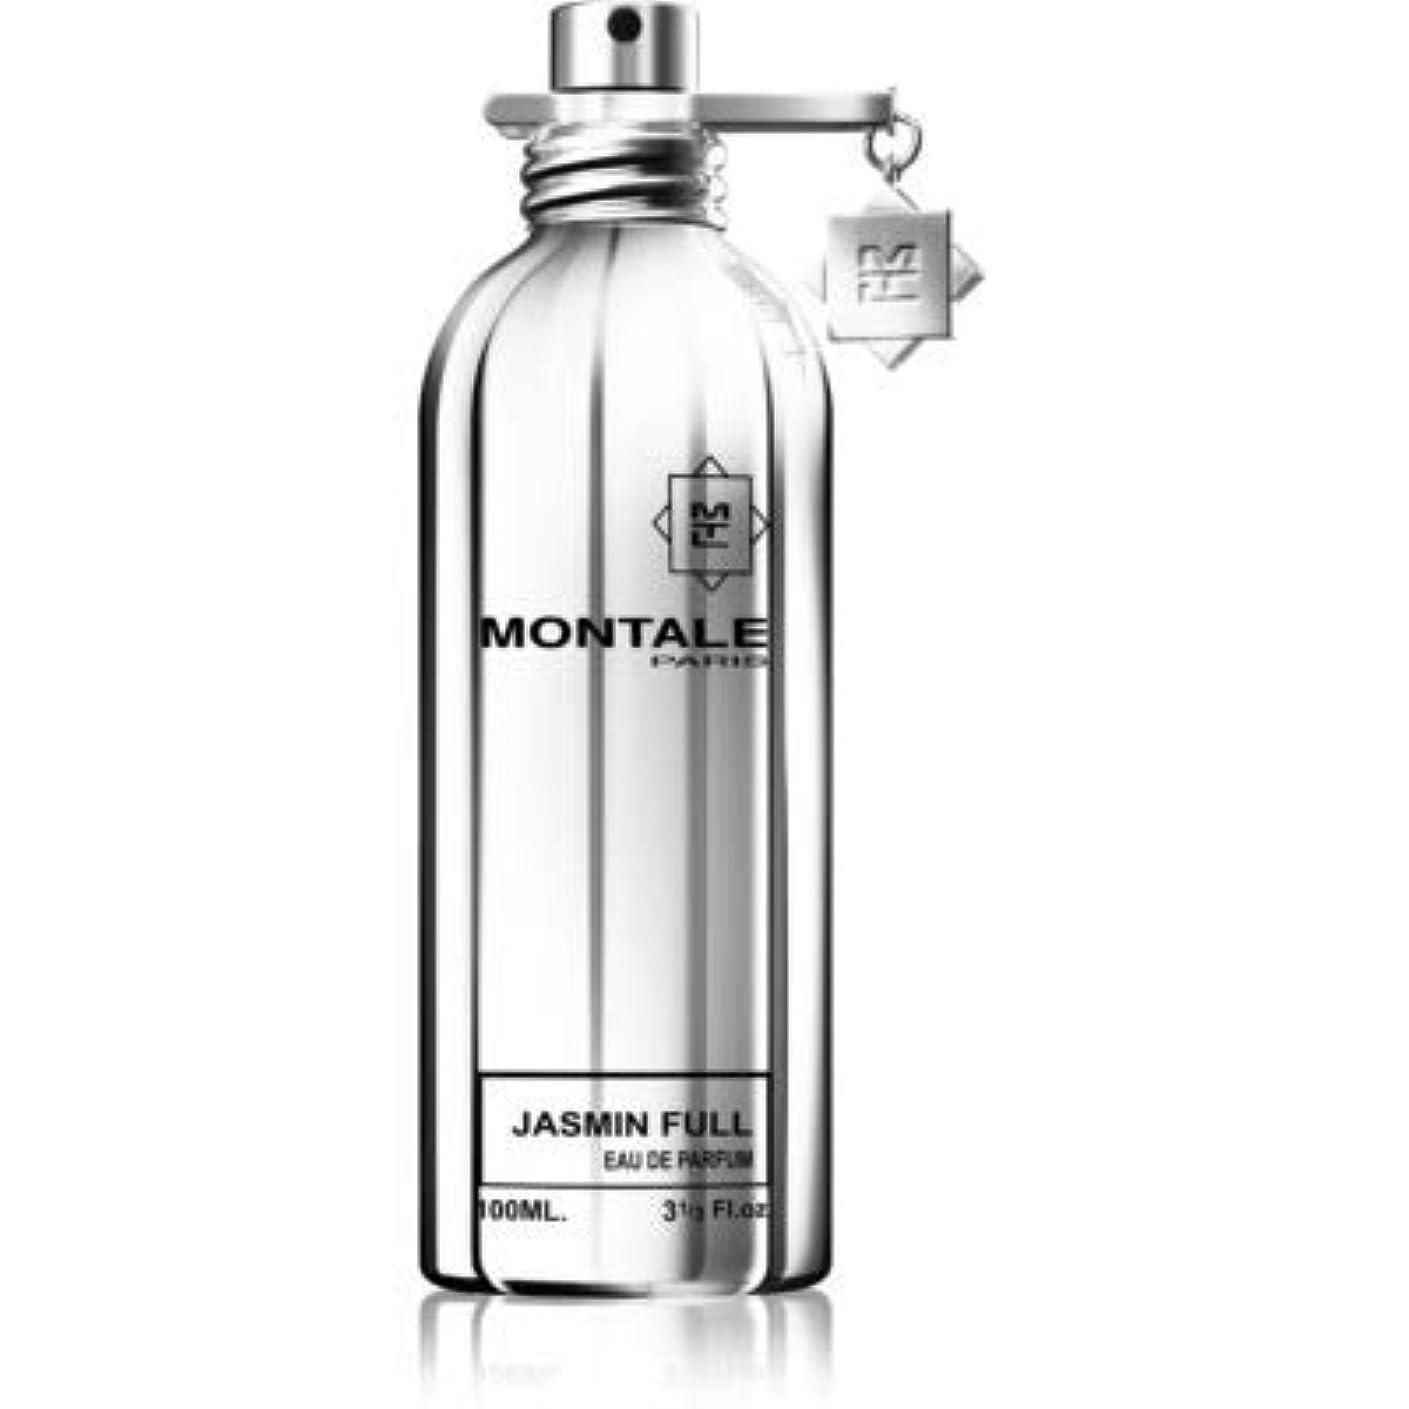 ピルファー裸意志100% Authentic MONTALE Jasmin Full Eau de Perfume 100ml Made in France + 2 Montale Samples + 30ml Skincare?/ 100%本物のモントリオールジャスミンフルオード香水100ml Made in France + 2 Montale Samples + 30mlスキンケア